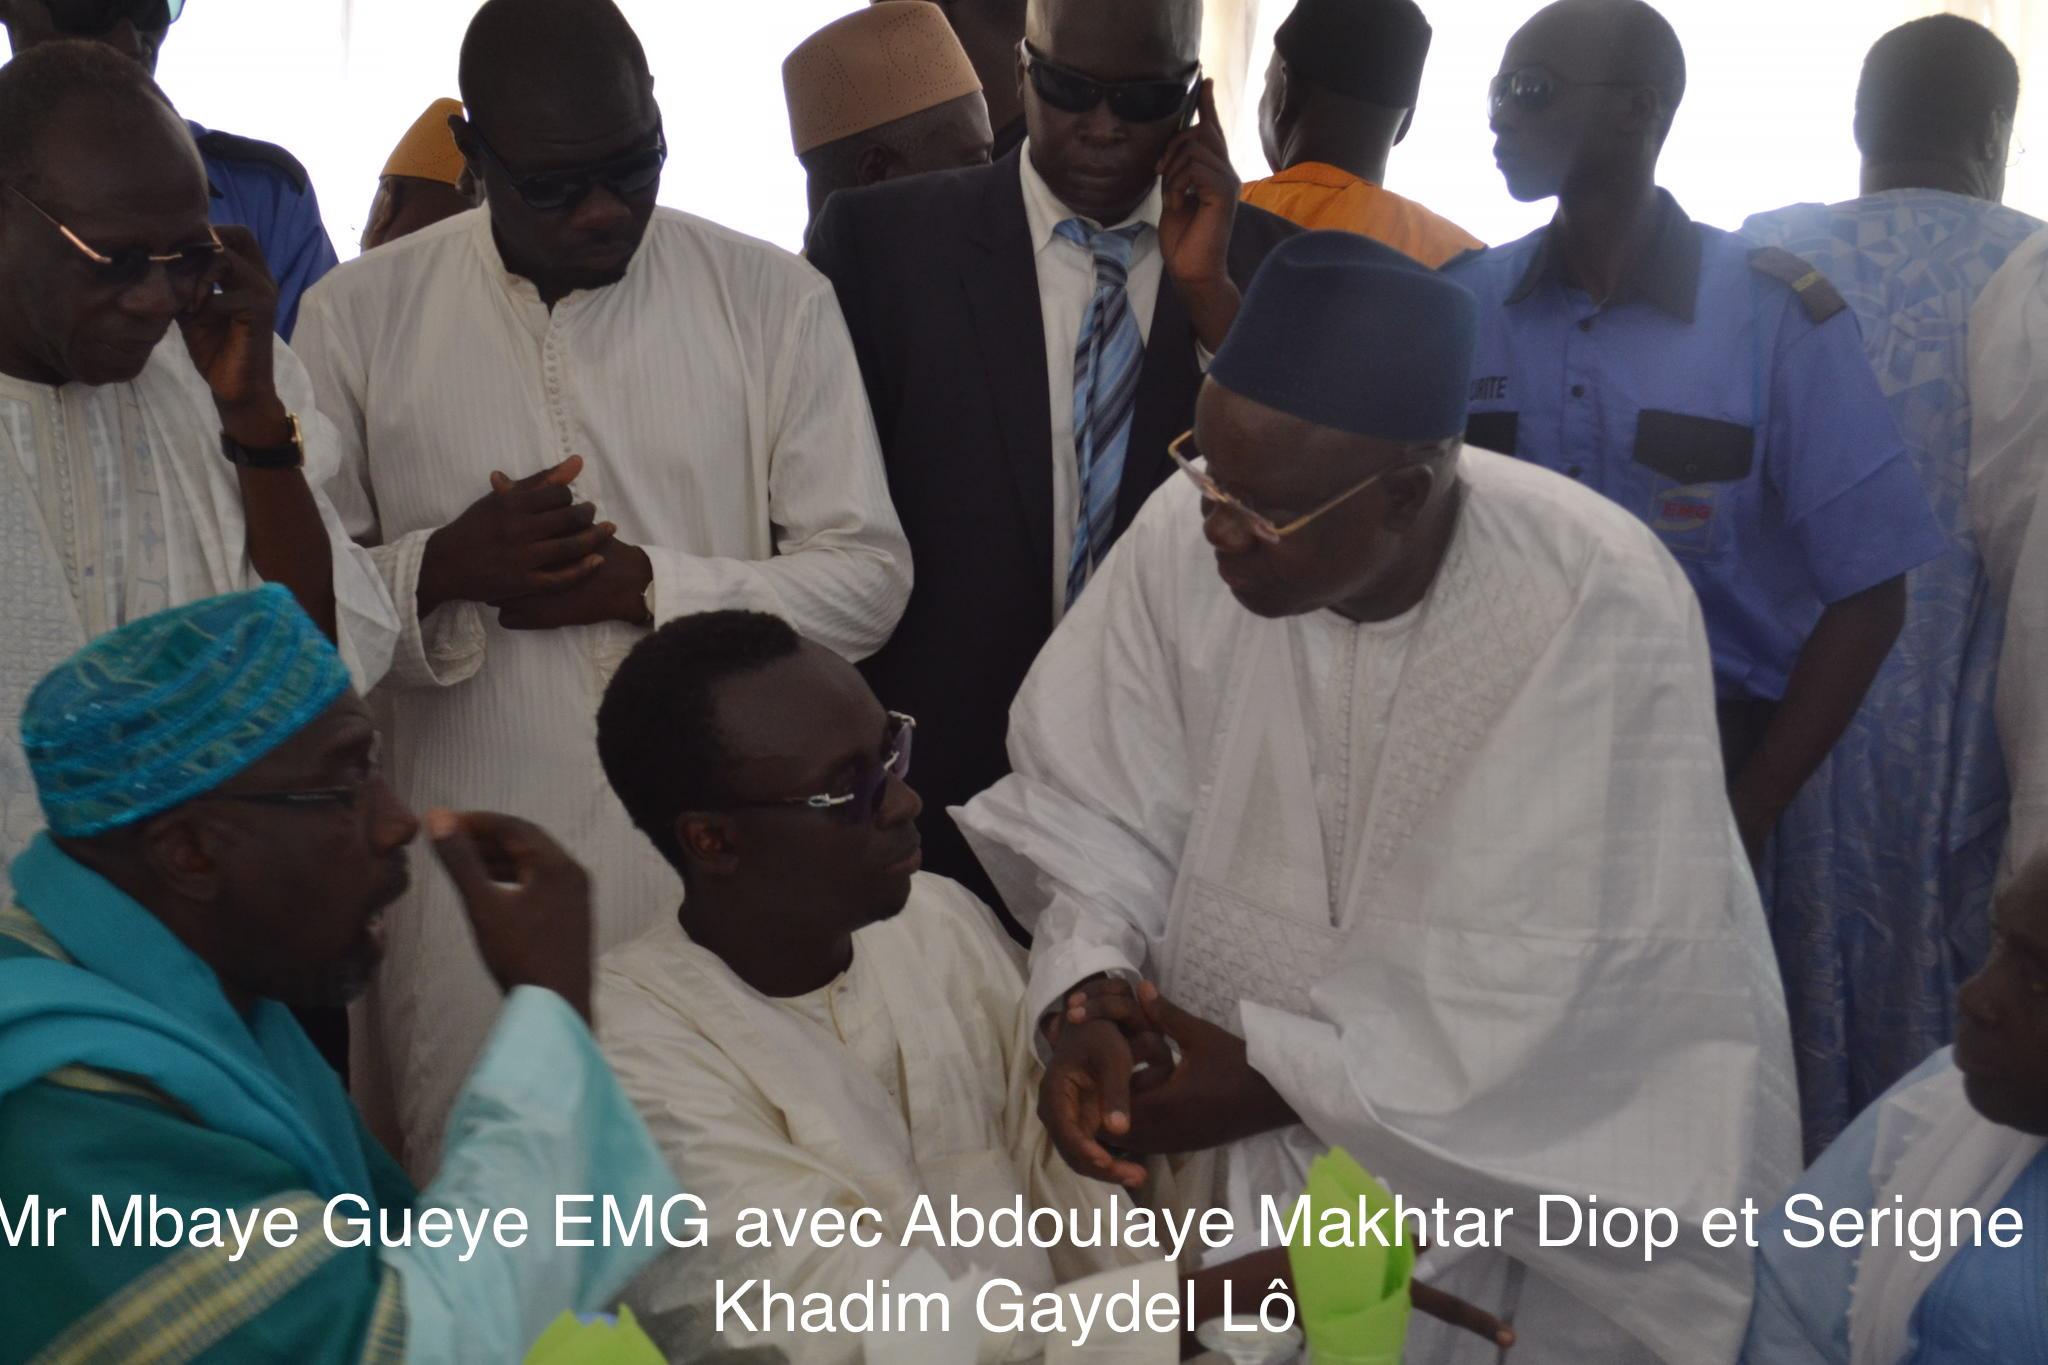 Les images de la cérémonie officielle de l'ouverture de la mosquée de Médina Fall construite par Mbaye Gueye EMG à Thiès